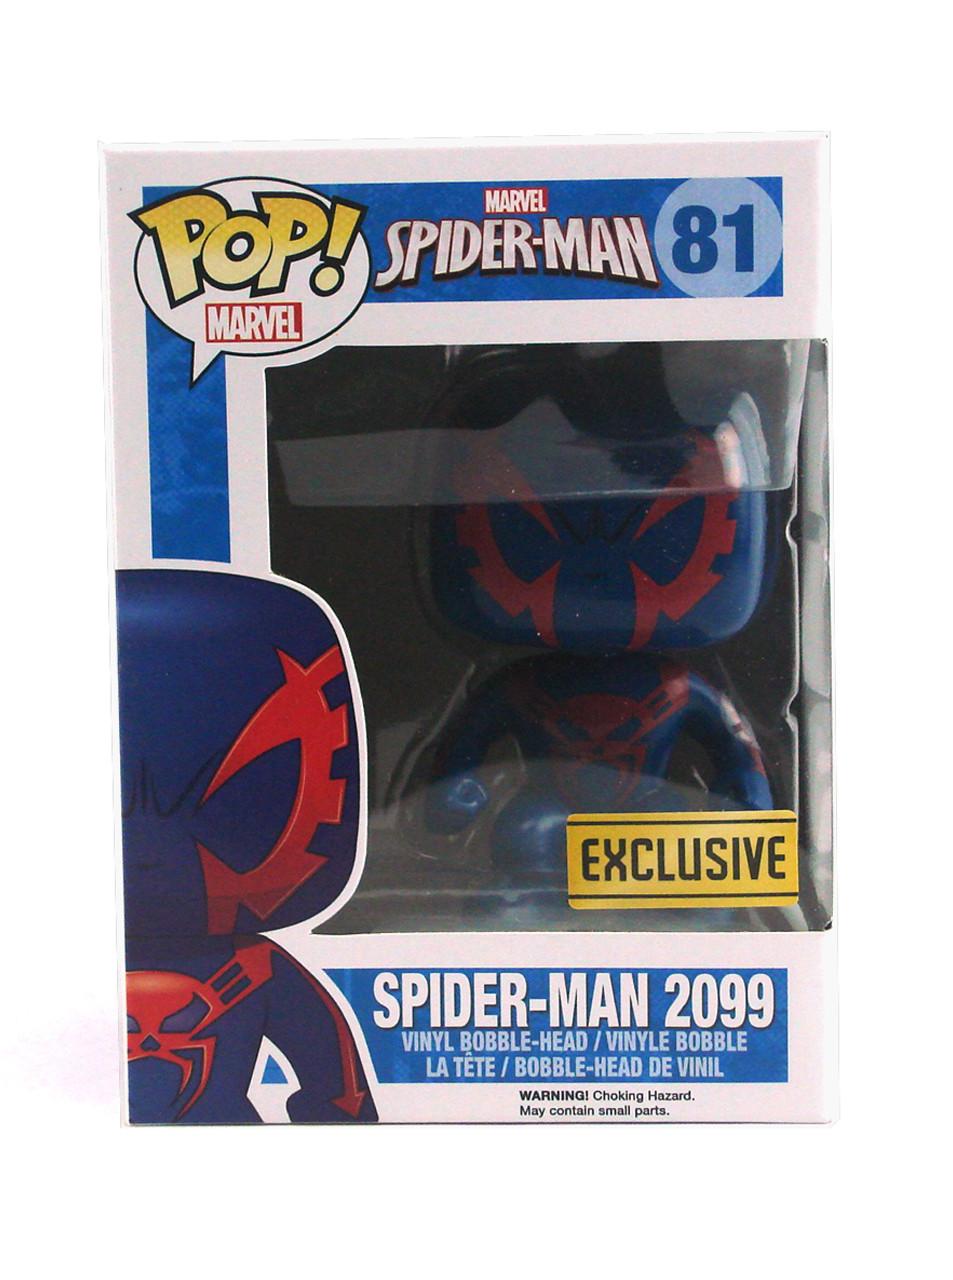 Marvel Spider-Man Exclusive Spider-Man 2099 #81 Funko Pop